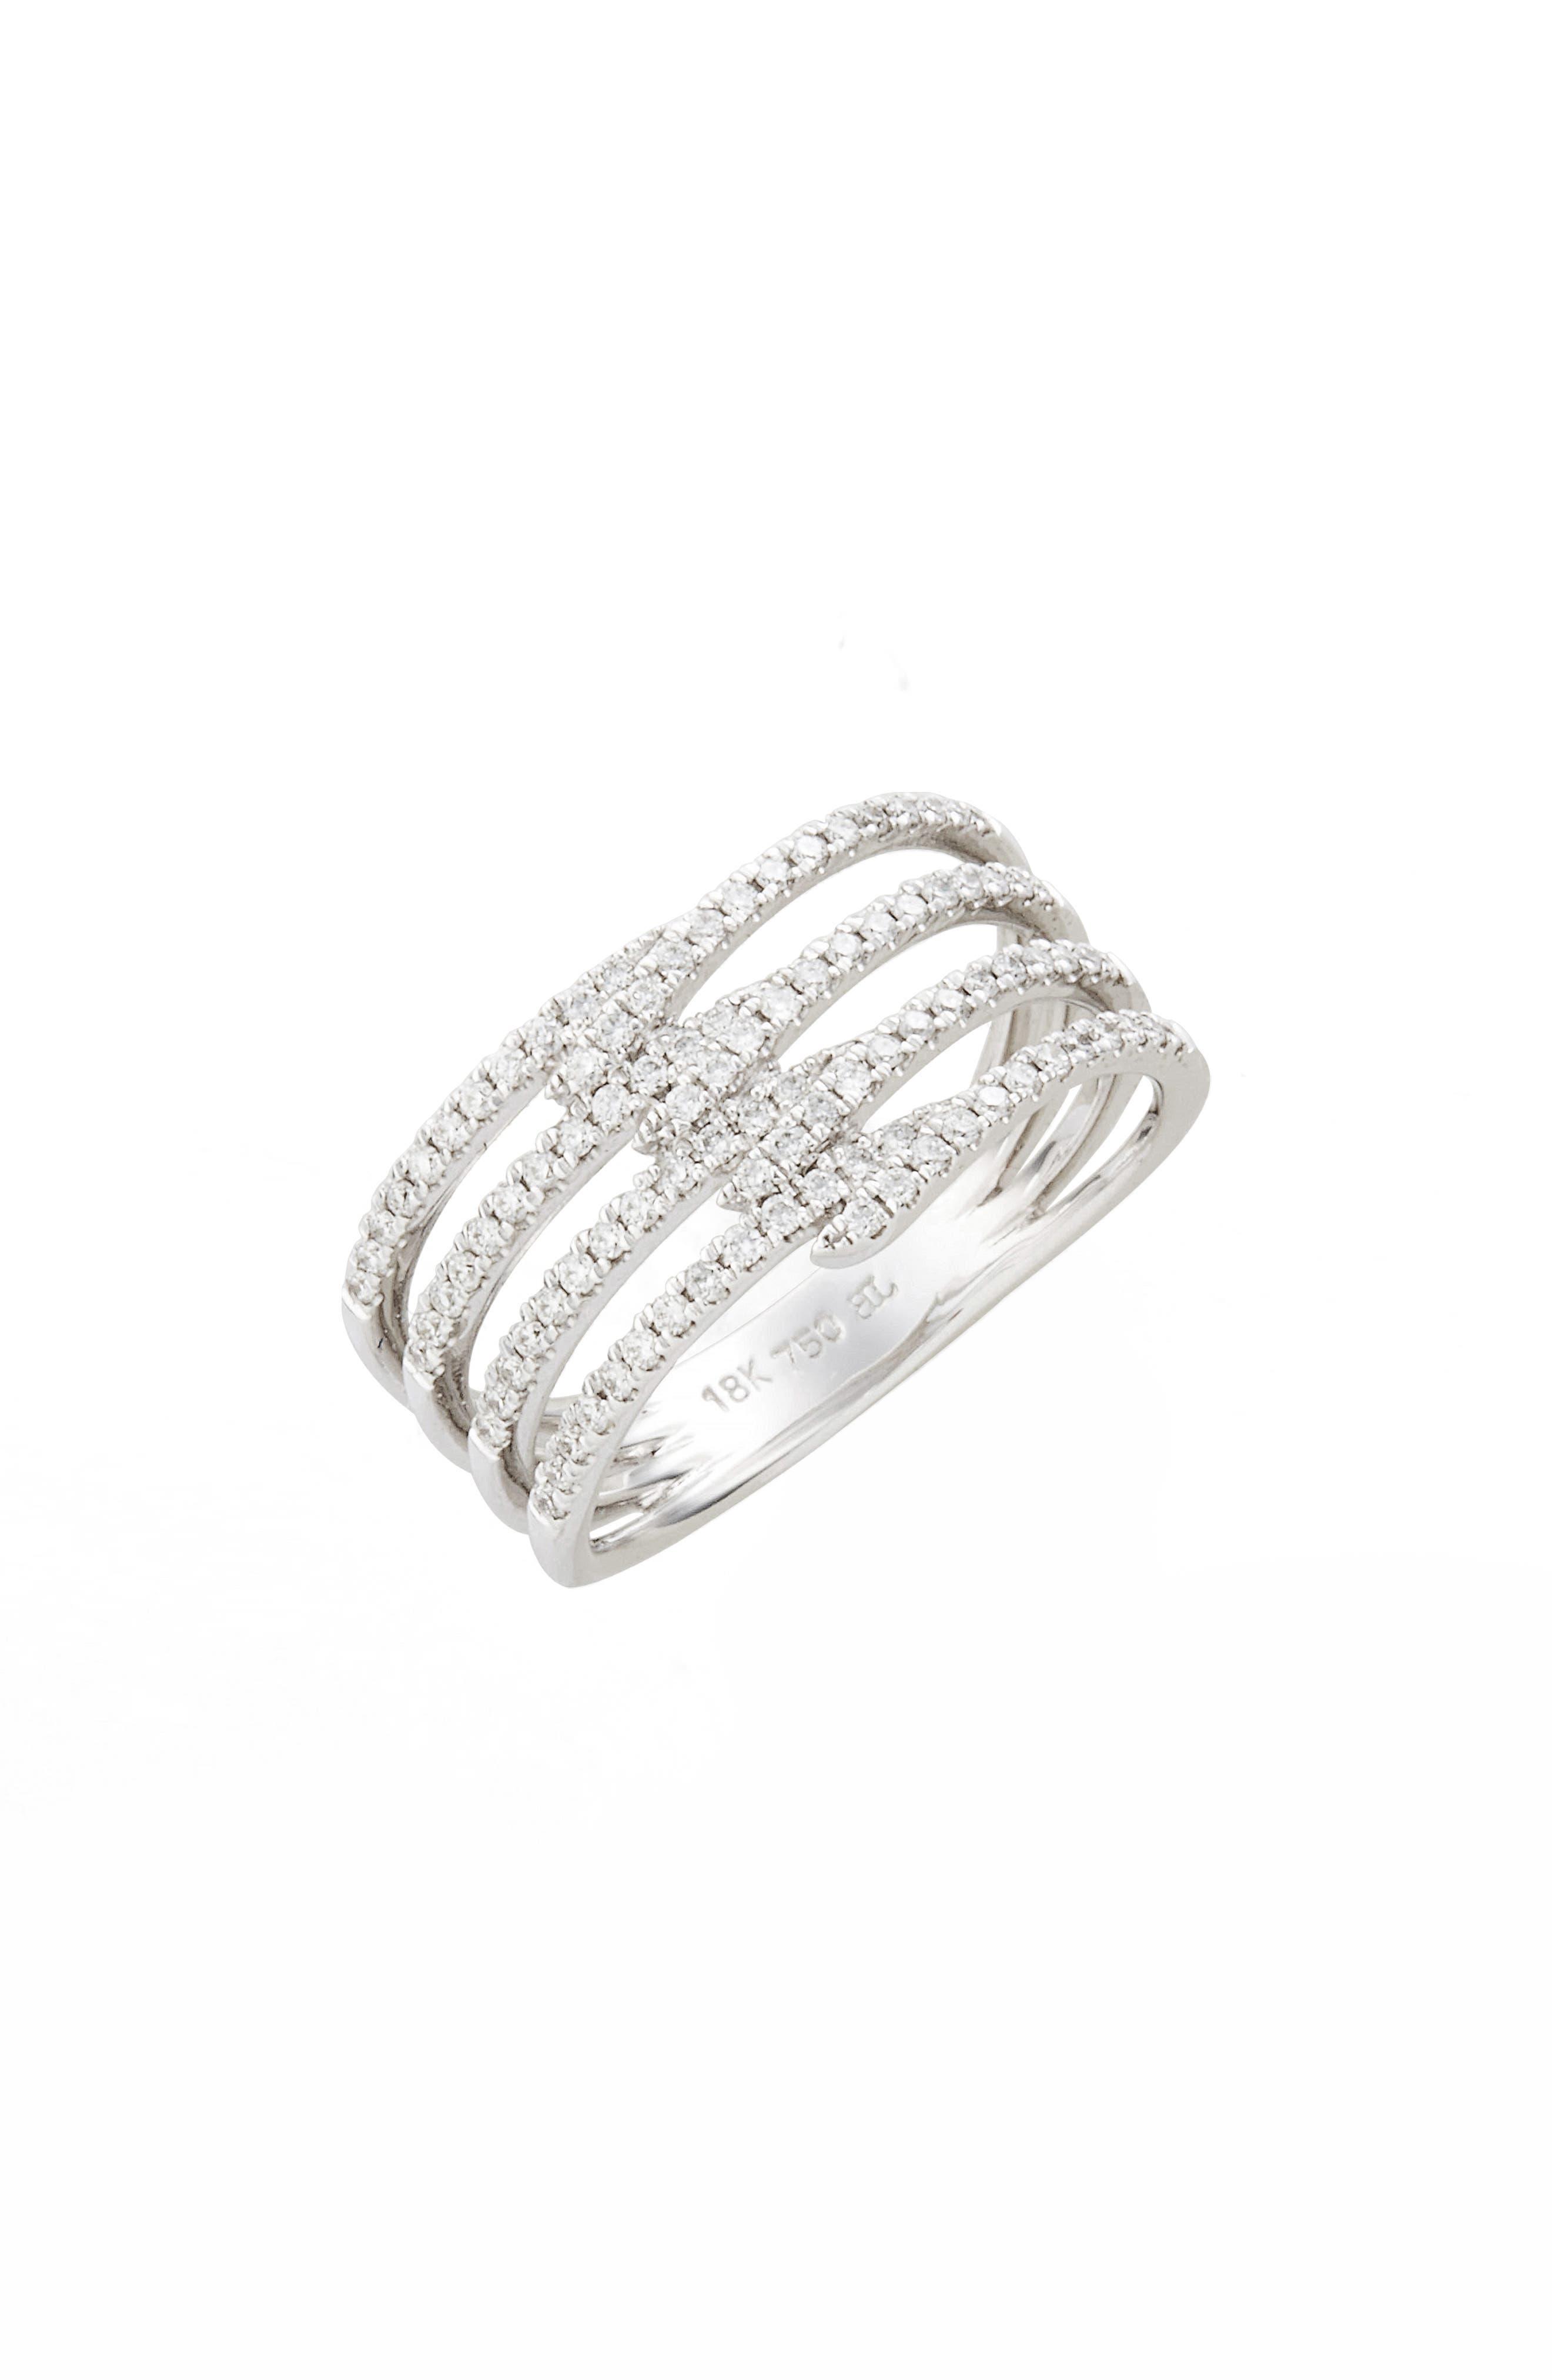 BONY LEVY Kiera Four-Row Diamond Ring